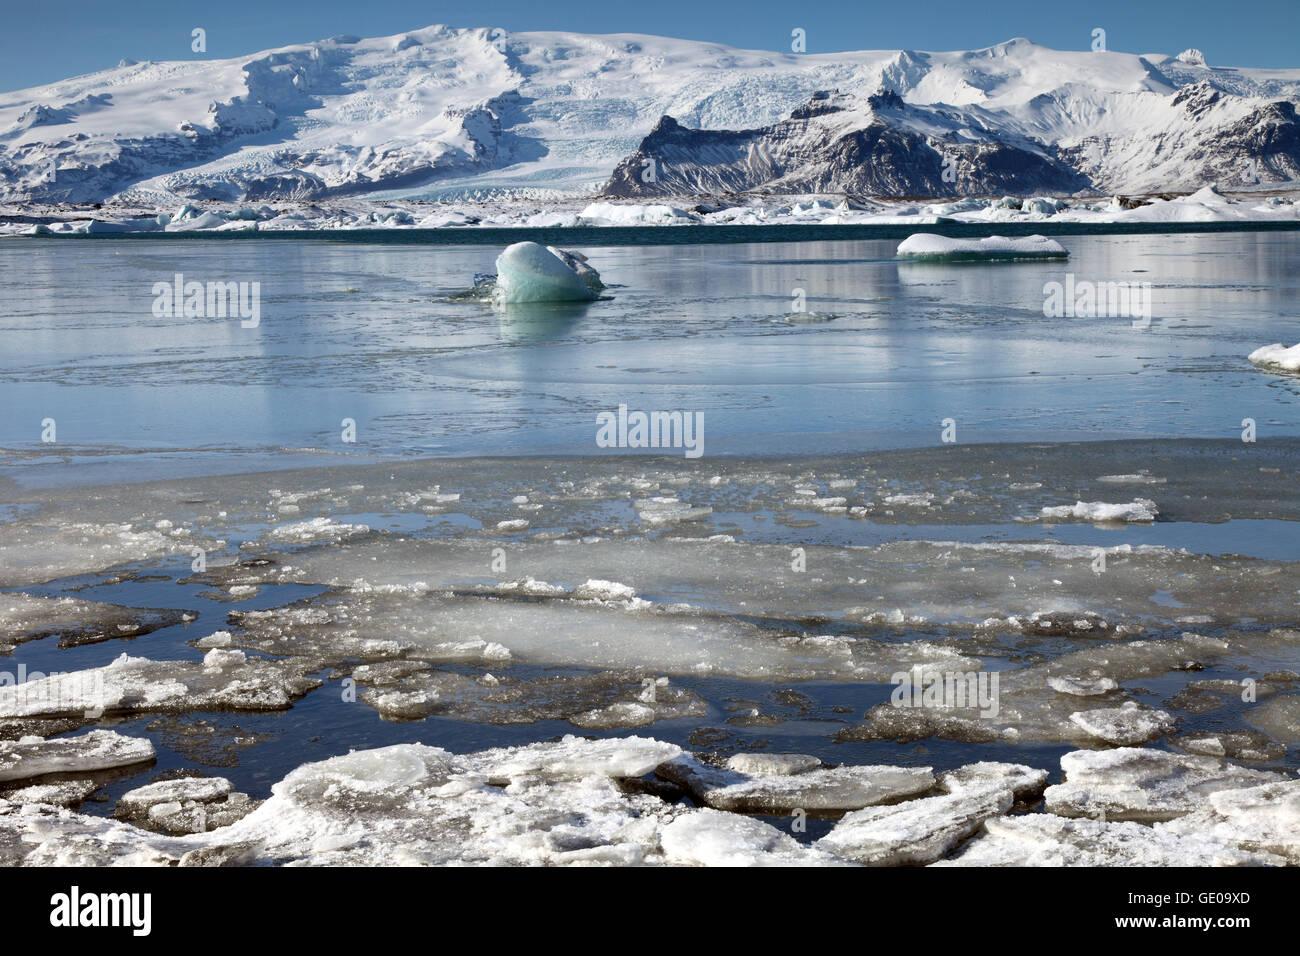 Geografía / viajes, Islandia, el este de Islandia, Jökulsarlon, laguna glacial, Additional-Rights-Clearance-Info-Not-Available Foto de stock